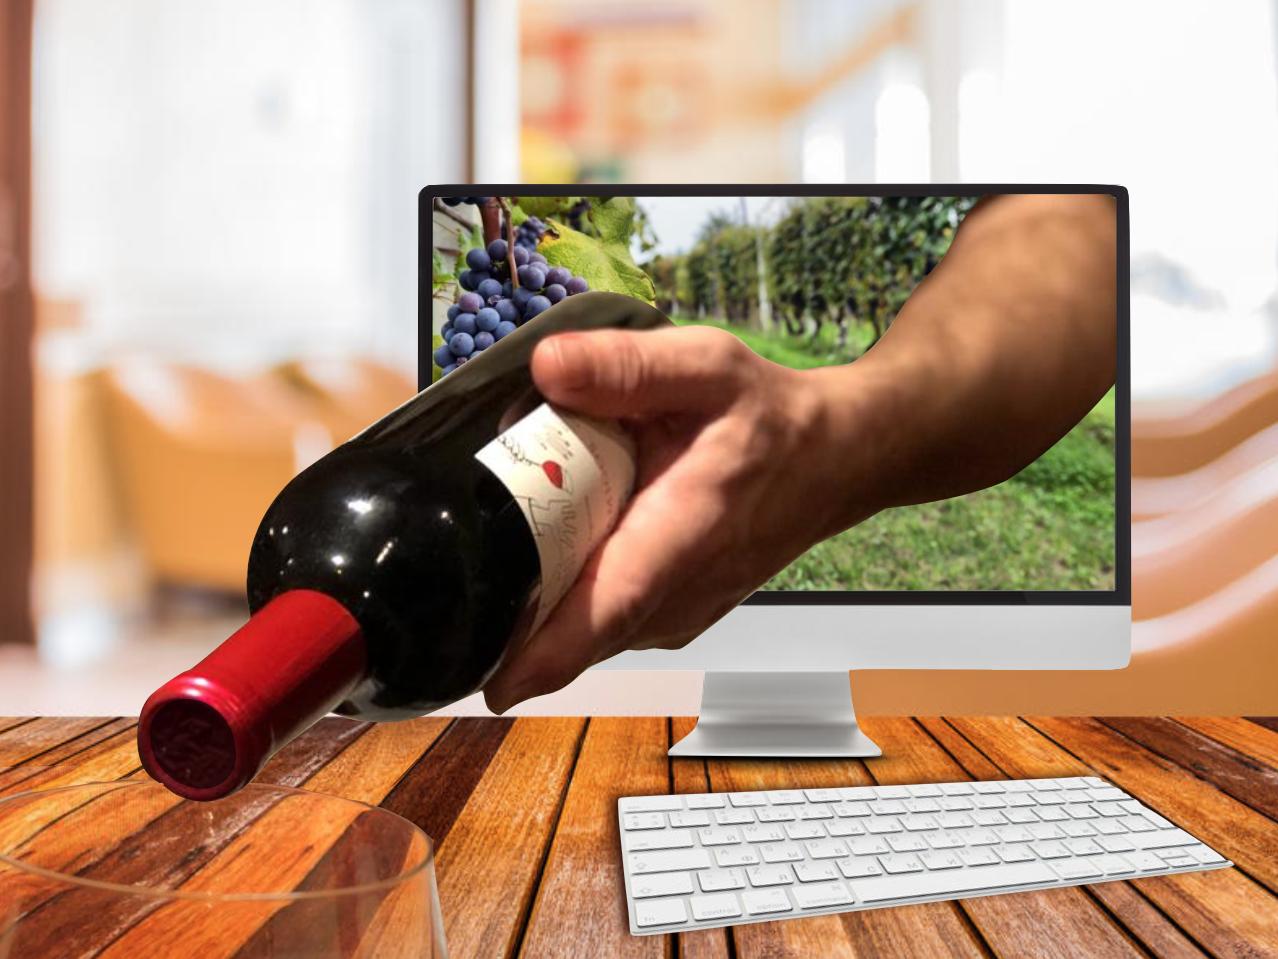 Cata de Vinos Virtual - Bodega ANAIA- Sábado 10-10 a las 19hs. (hasta 6 personas)